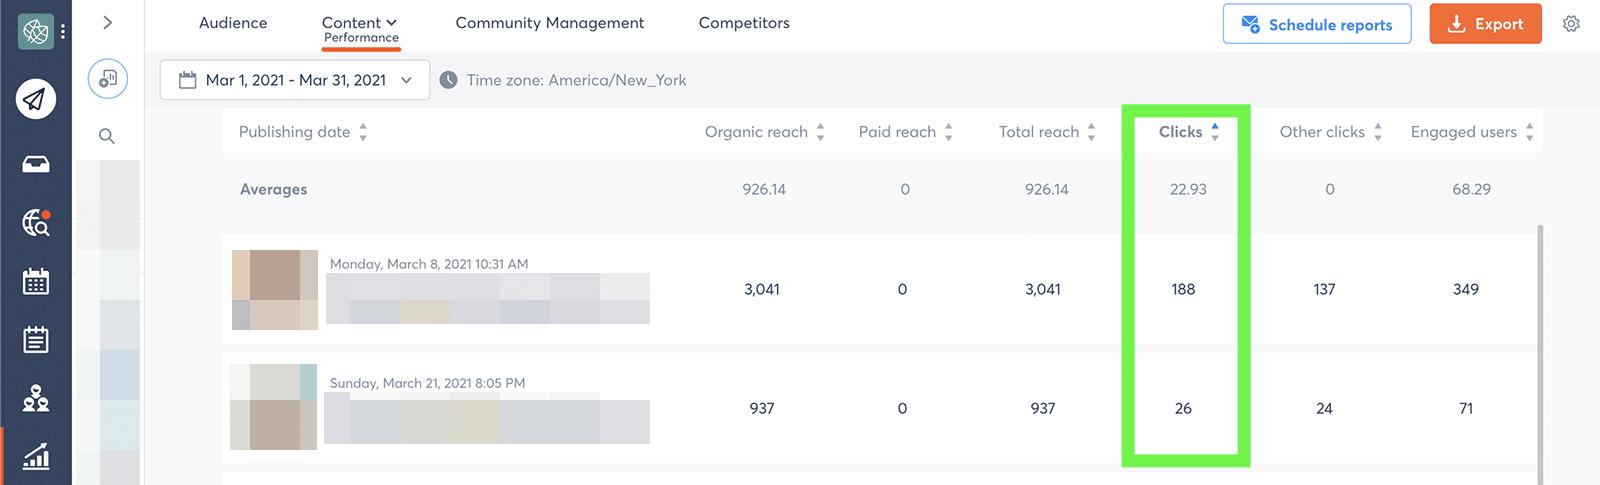 social media metrics - clicks